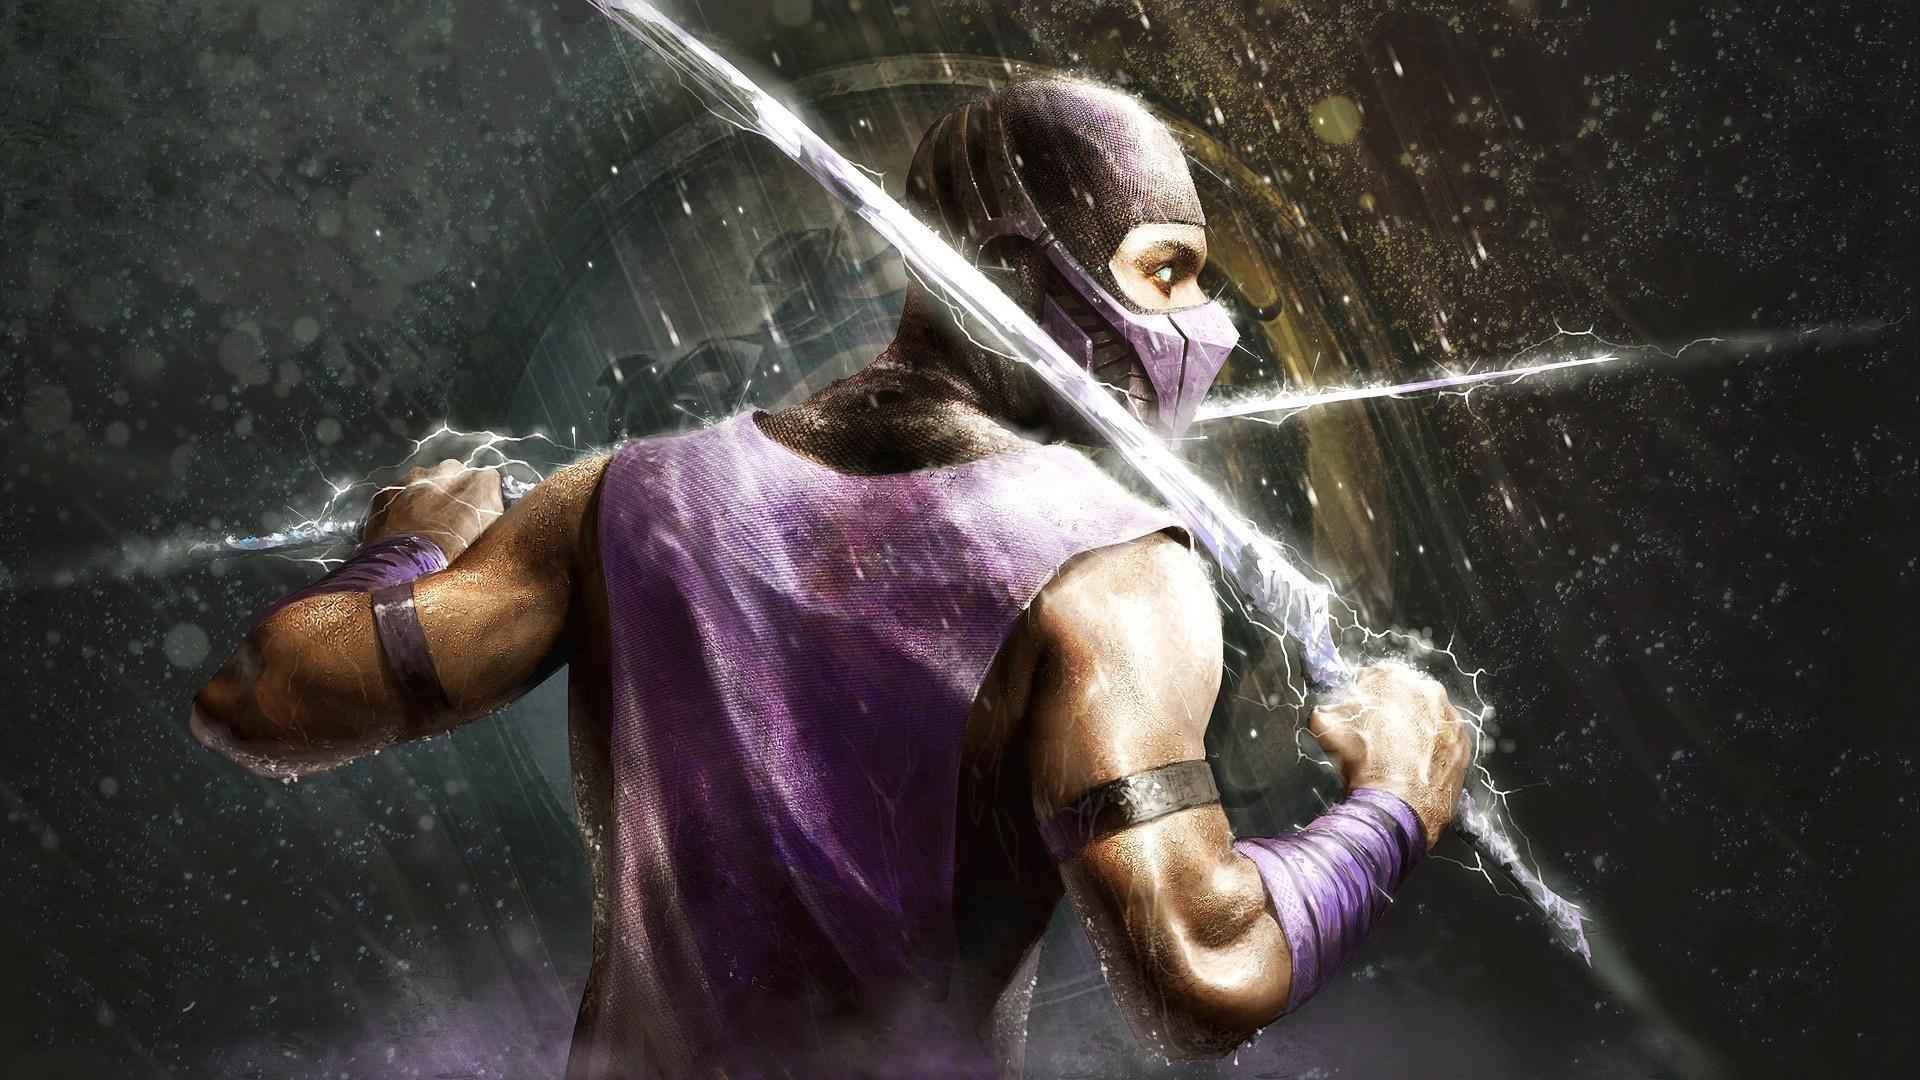 Mortal Kombat Scorpion HD Wallpaper 1920x1080